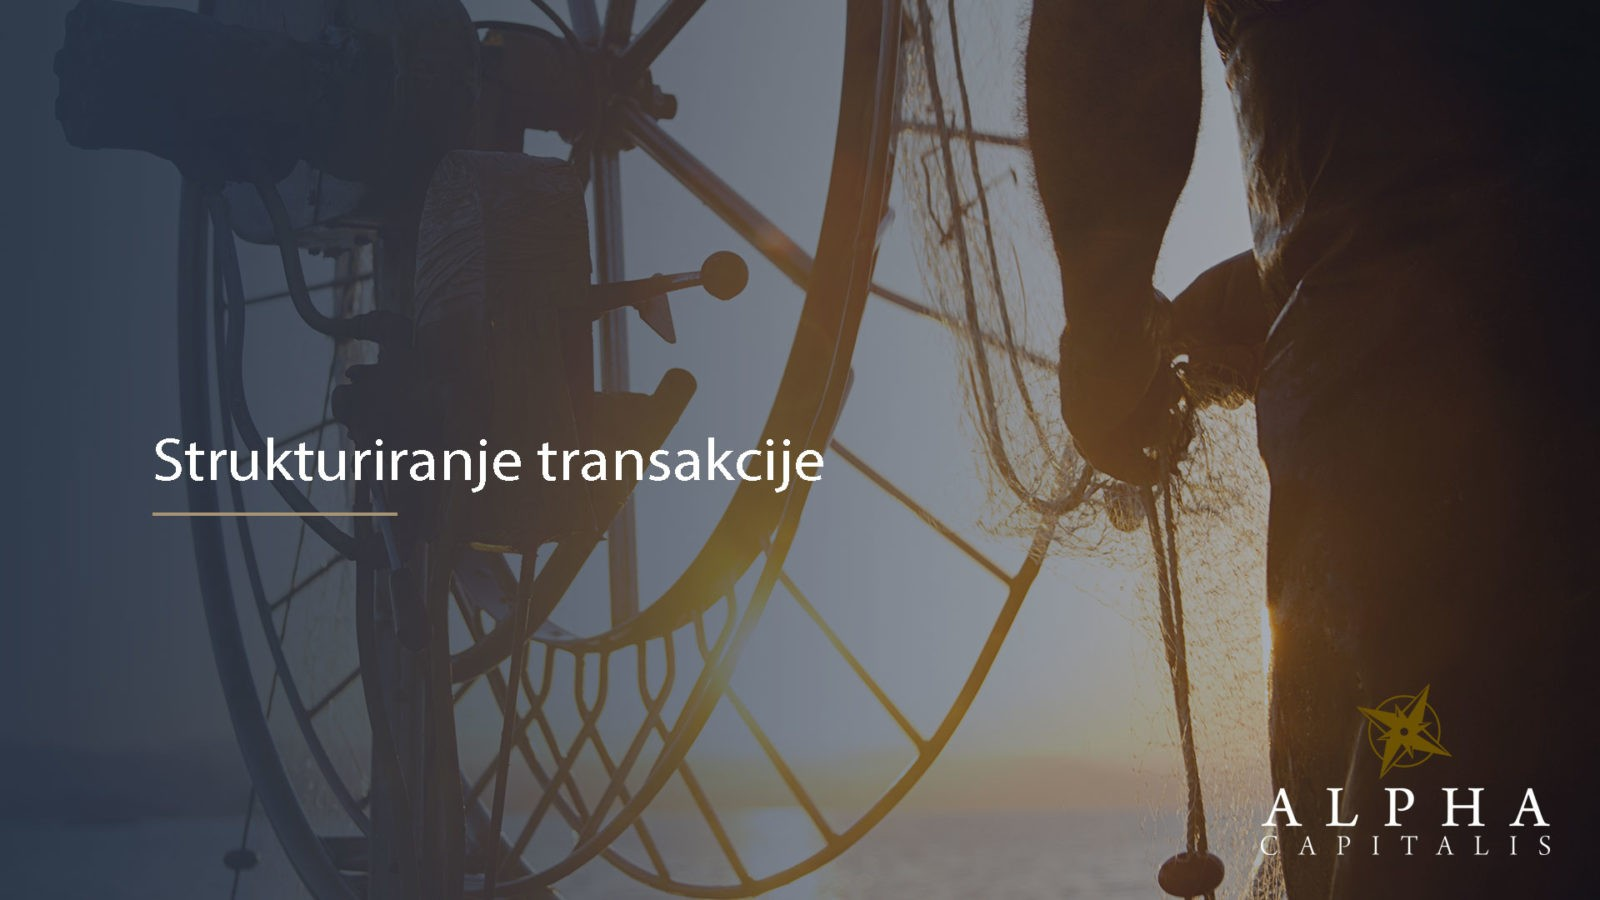 Strukturiranje transakcije 2018 12 13 - Strukturiranje transakcije